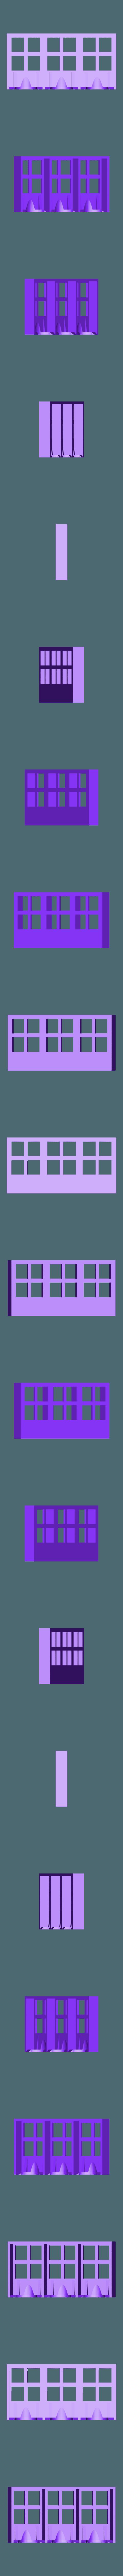 Karten-Halterung_Die_Siedler_3x.stl Télécharger fichier STL gratuit Porte-cartes à jouer pour The Settlers of Catan • Plan imprimable en 3D, dede67